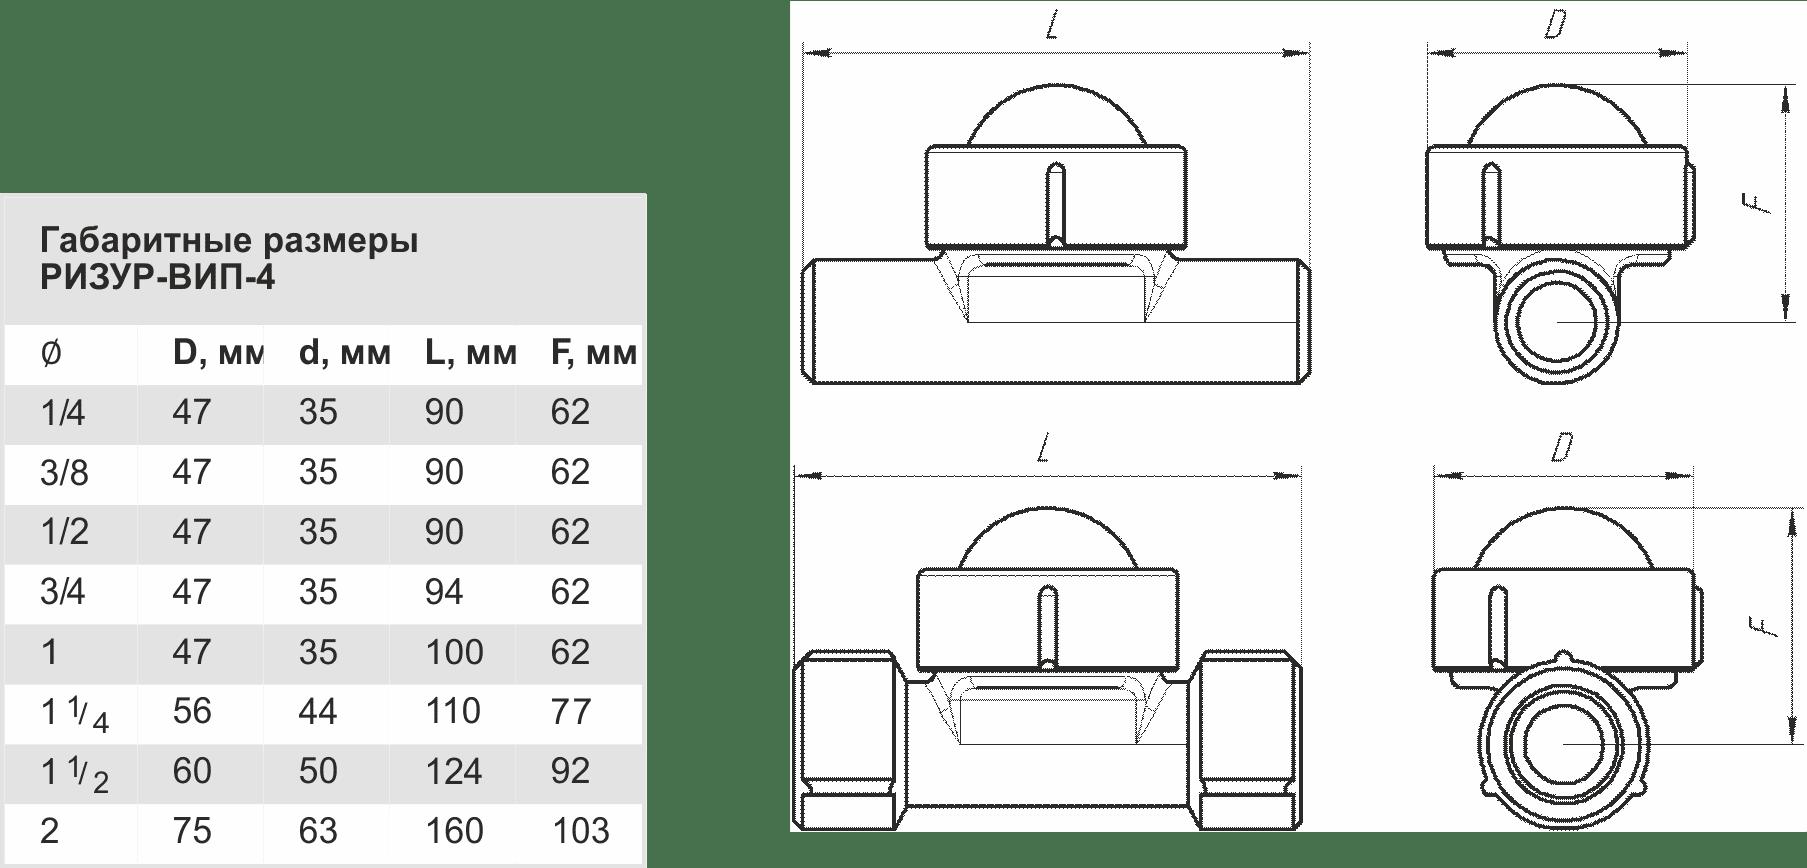 Габаритные размеры РИЗУР-ВИП-4